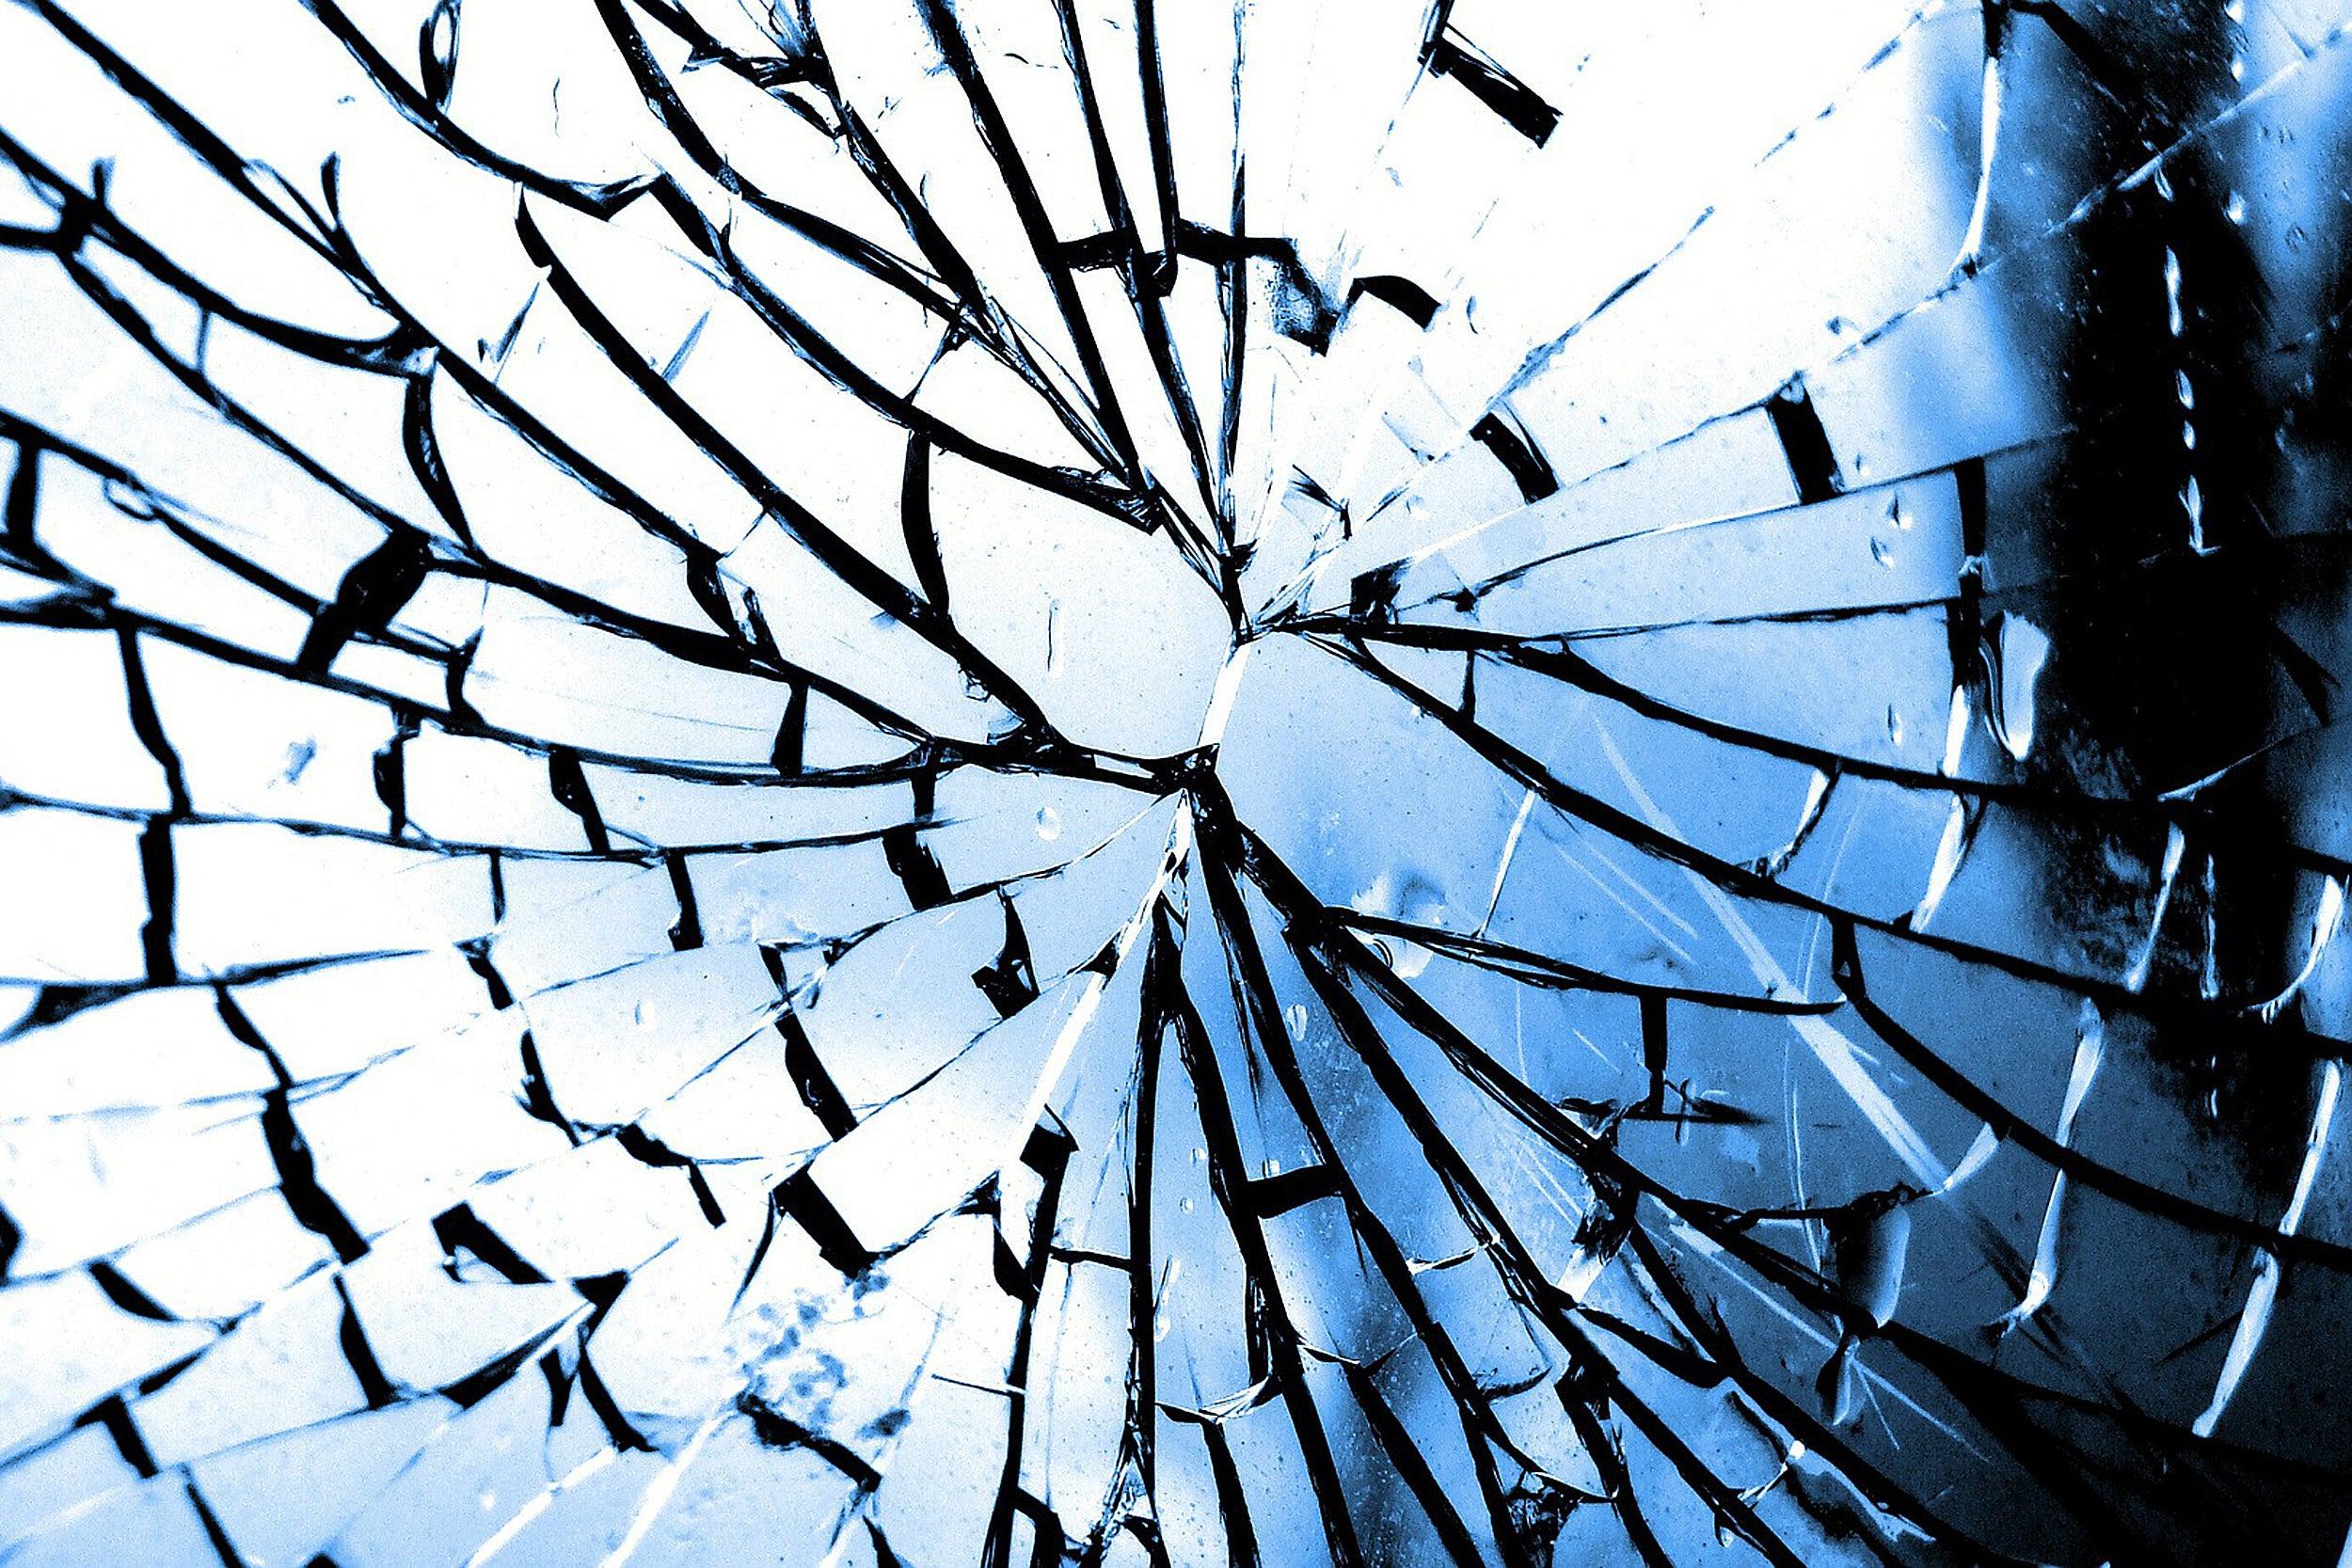 Broken glass window.